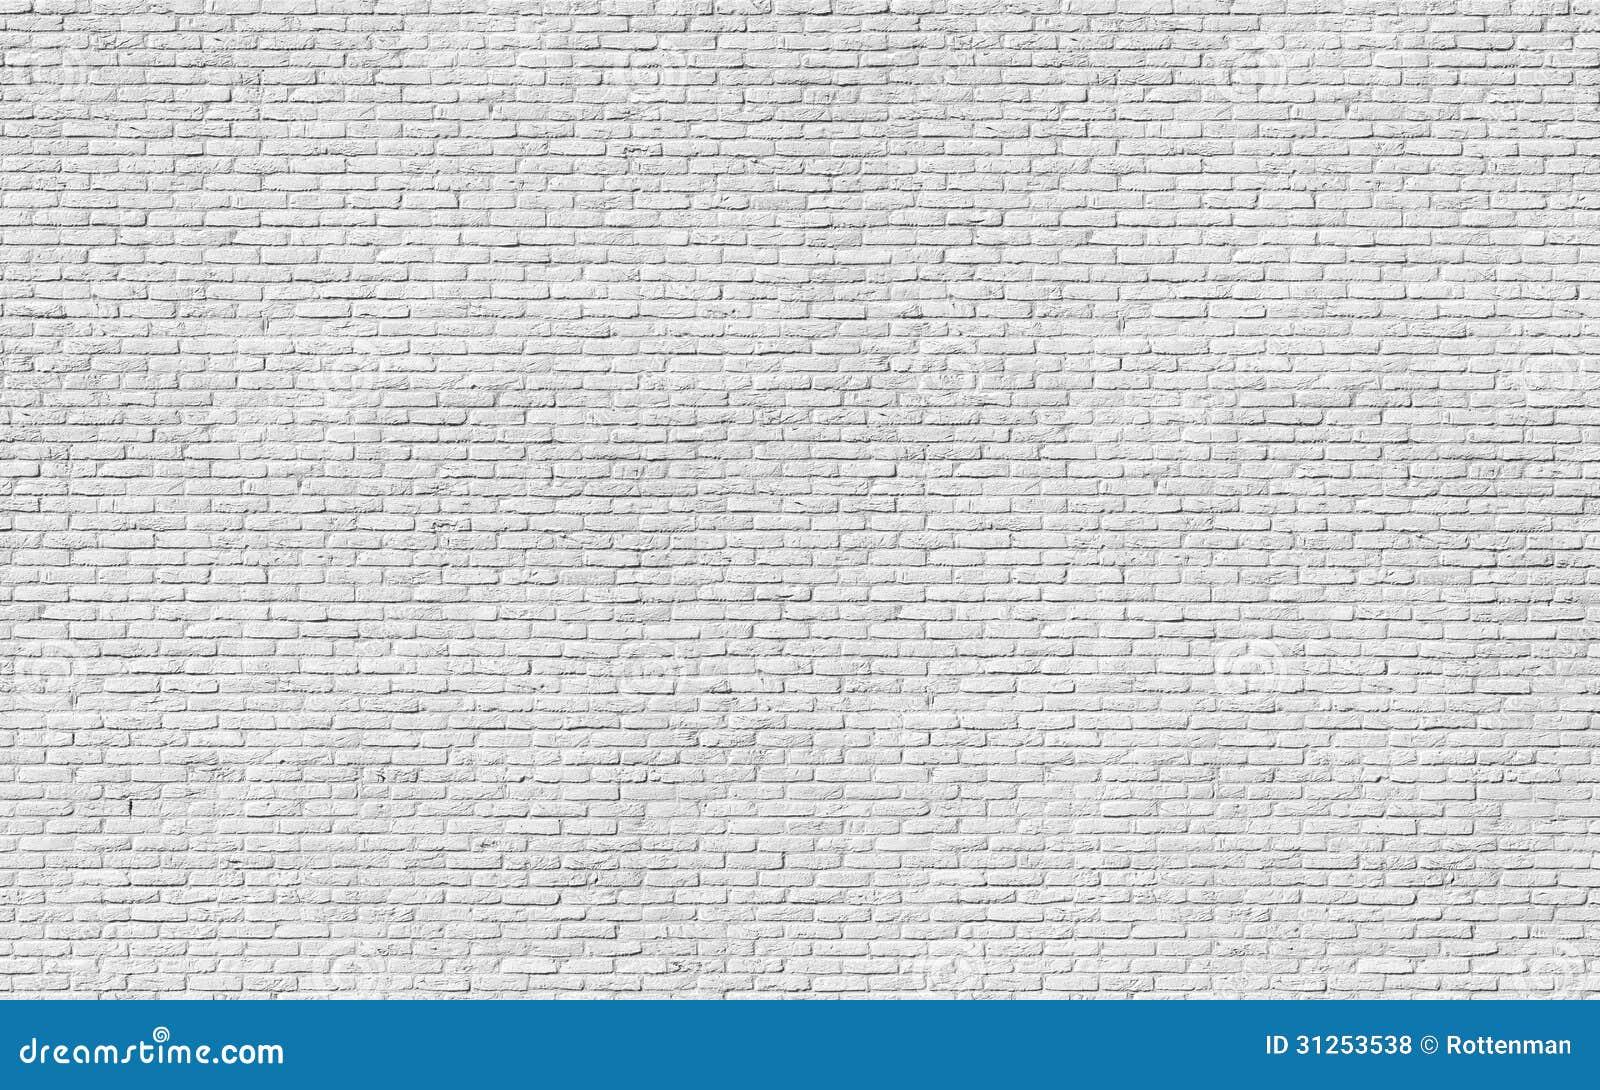 White Brick Texture Royalty Free Stock Photos Image